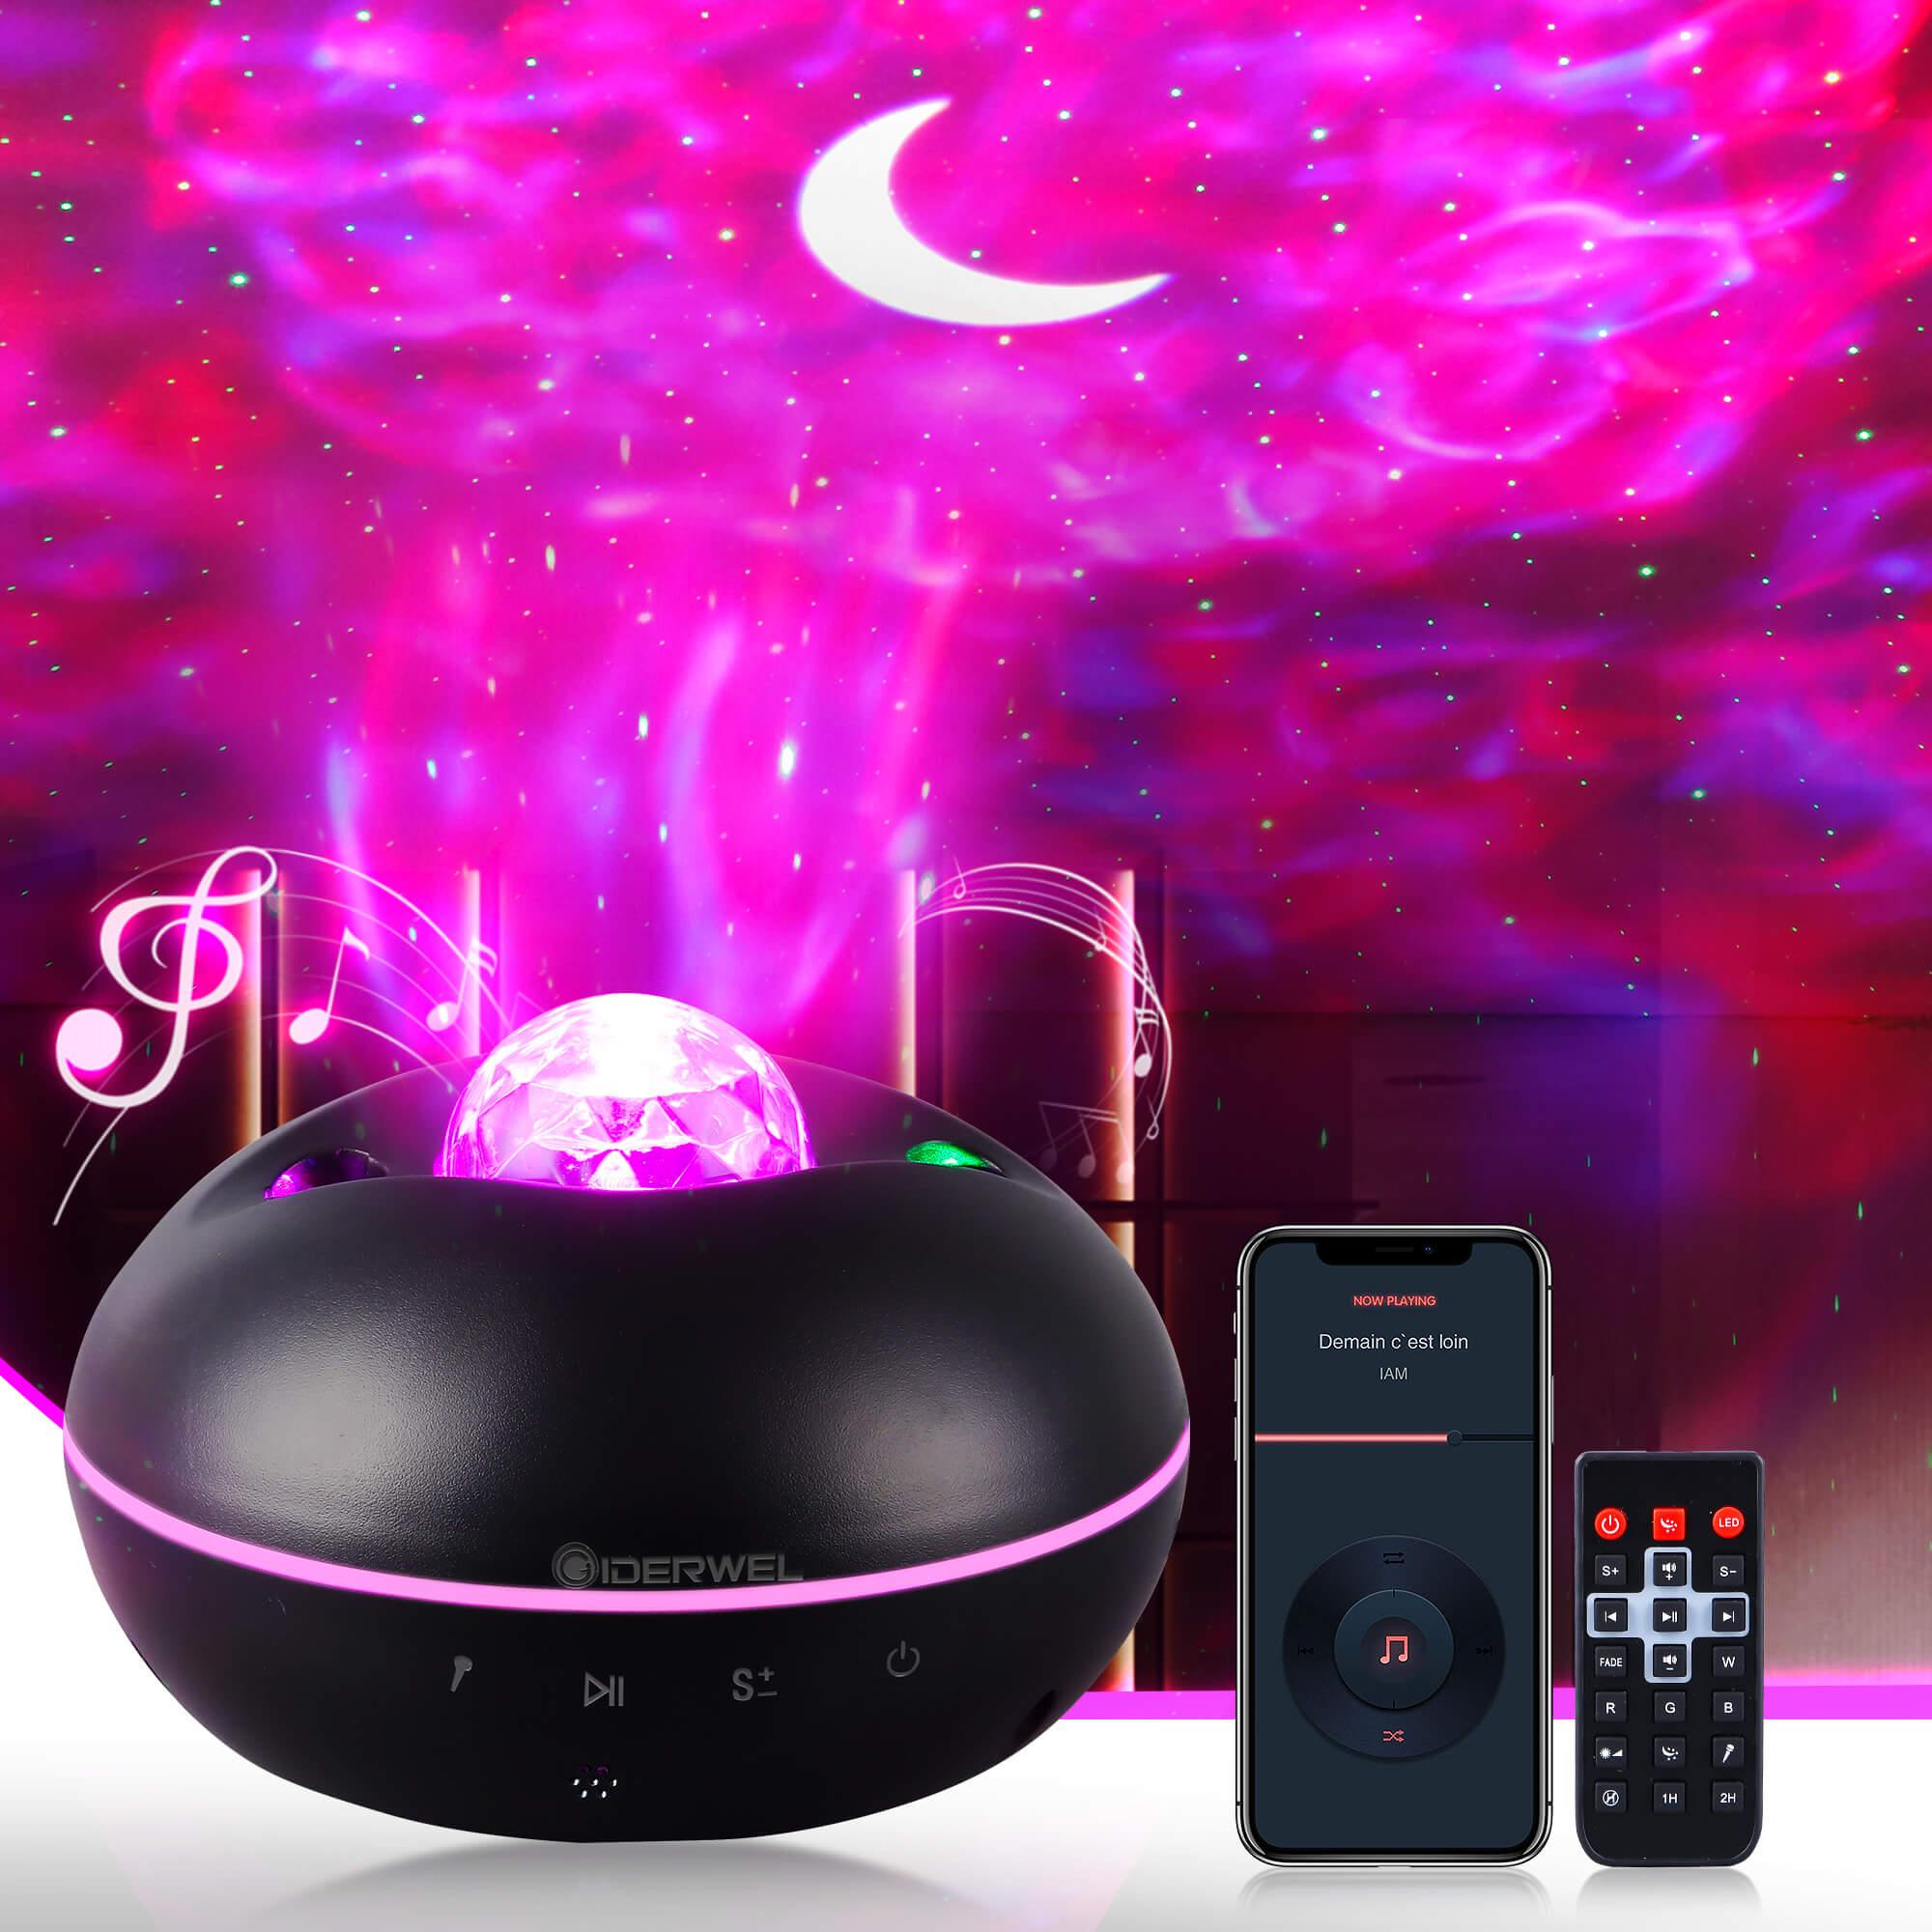 ночник проектор miniland dreamcube 89196 Светодиодный проектор звездного неба, светодиодный ночник с Bluetooth, проектор звездного неба, океанская волна, ночник с музыкой и Bluetooth-динами...